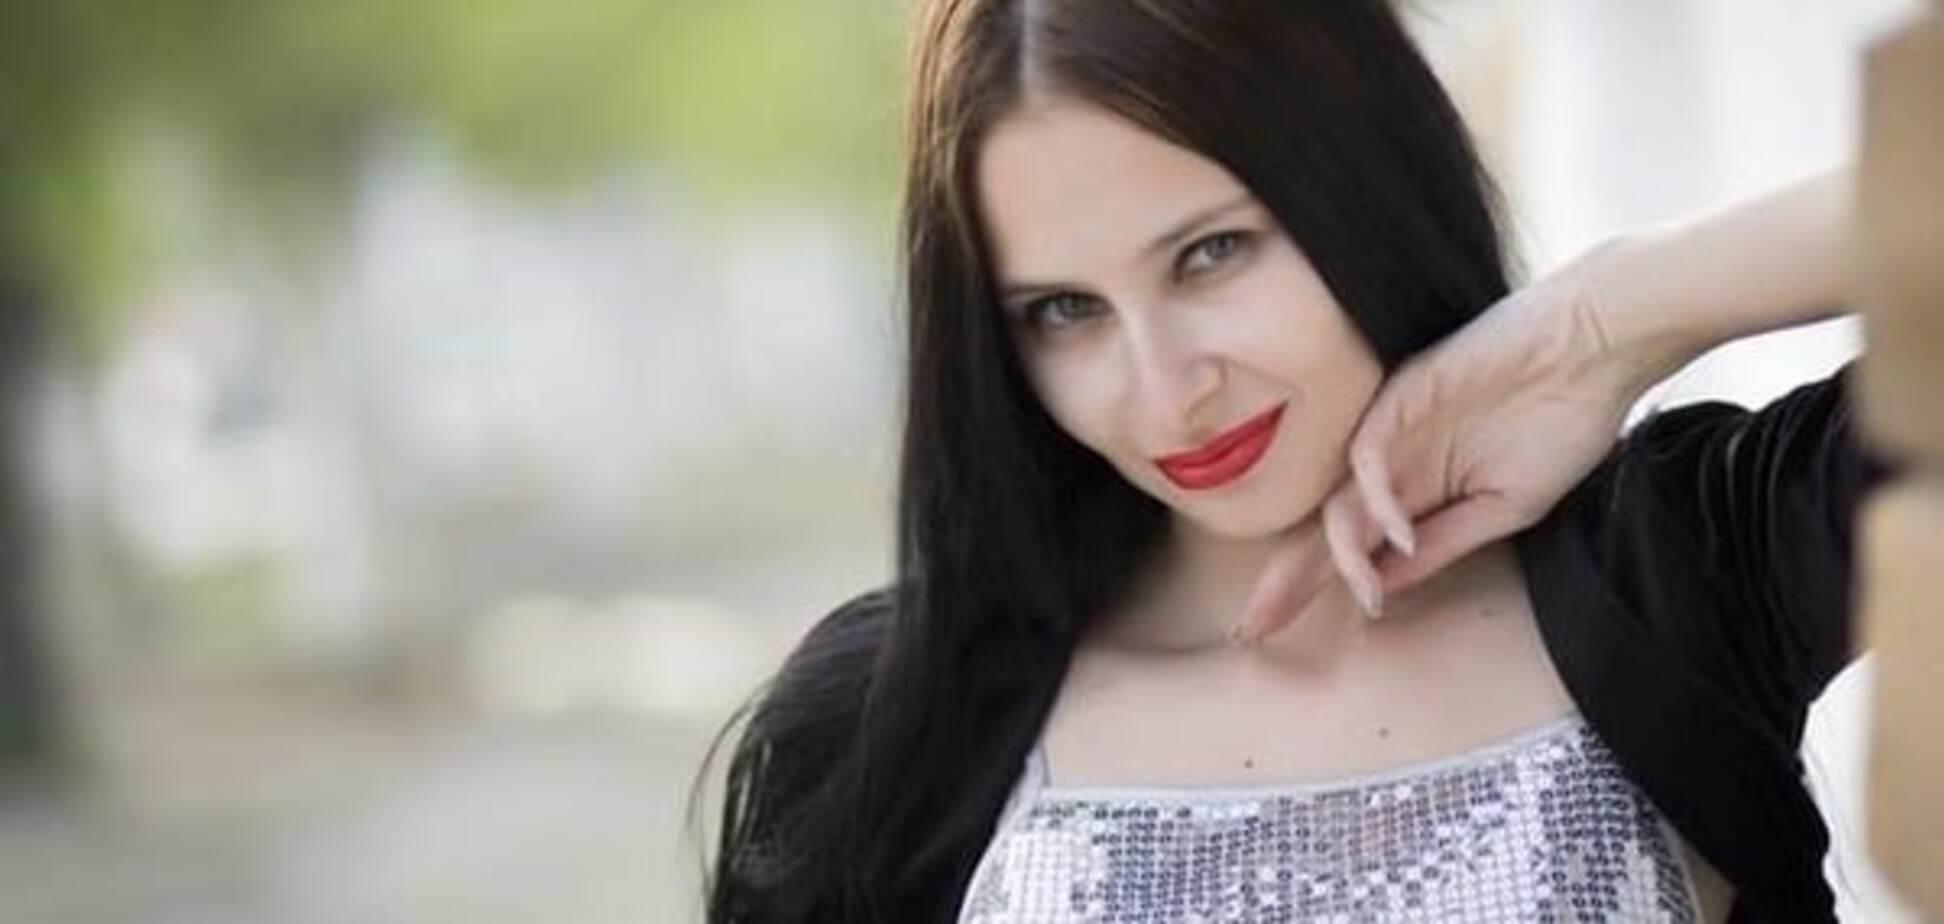 Больше года в застенках 'ЛНР': журналистка Мария Варфоломеева осталась в плену